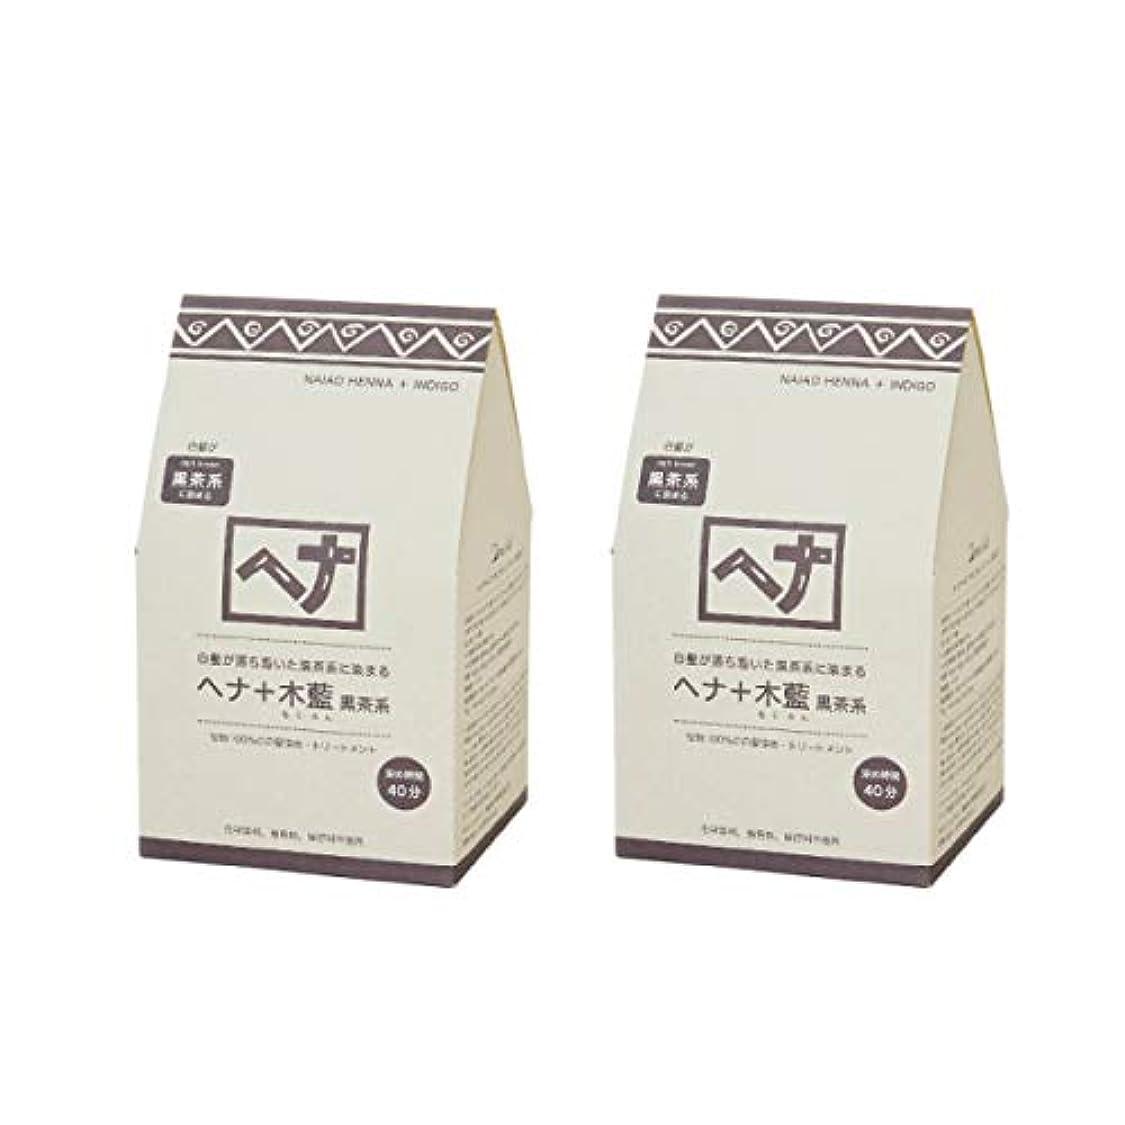 伝染性硬さ誇大妄想ナイアード ヘナ+木藍(黒茶系)400g(100g×4袋)×2個セット+アレッポの石鹸1個プレゼント